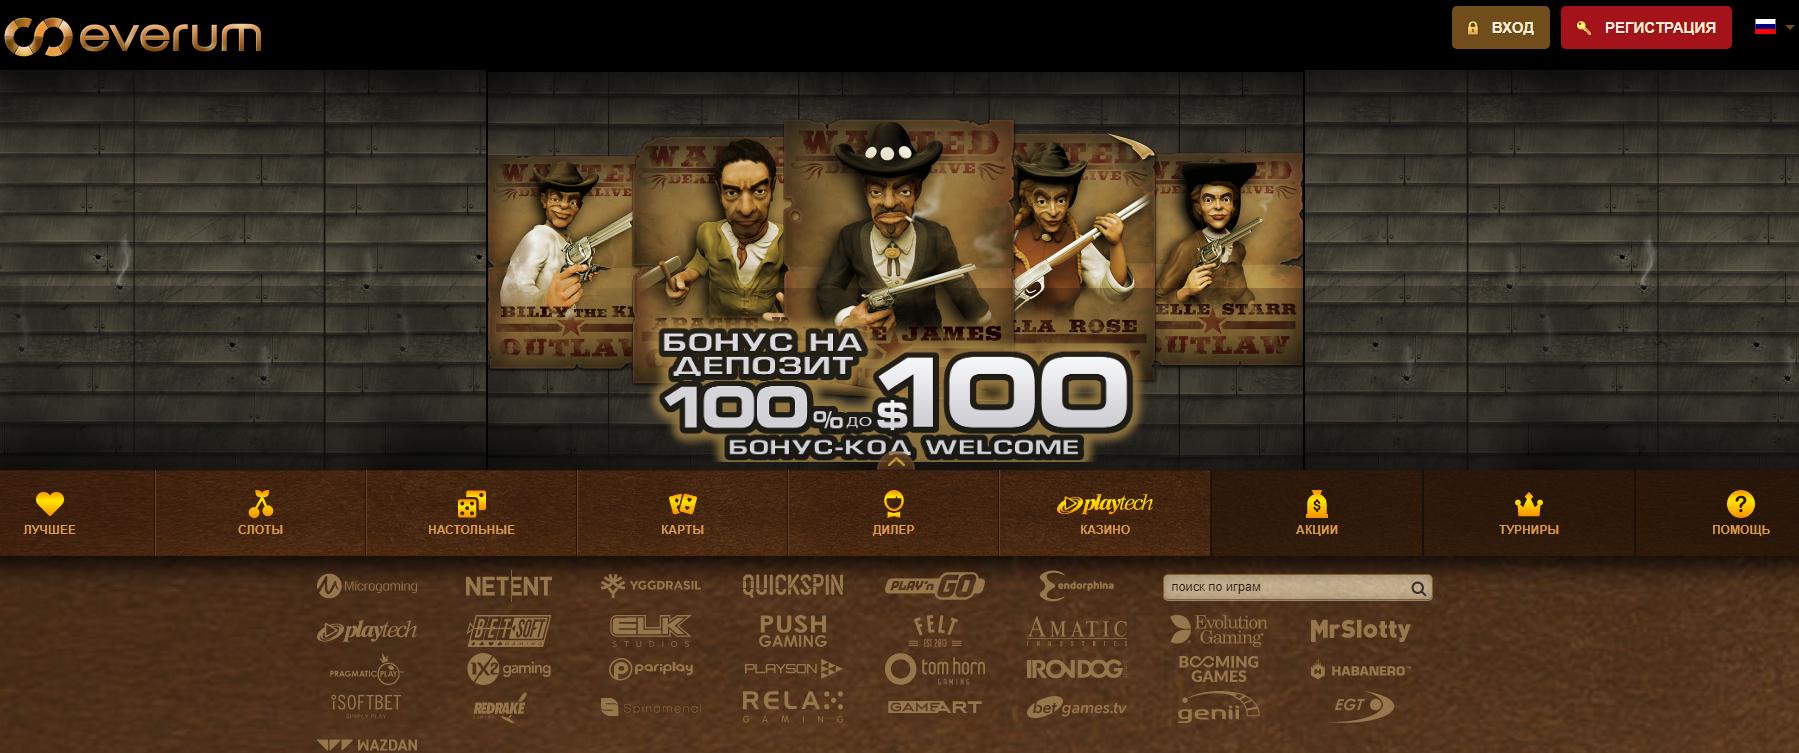 фото Депозит на казино первый бонус everum